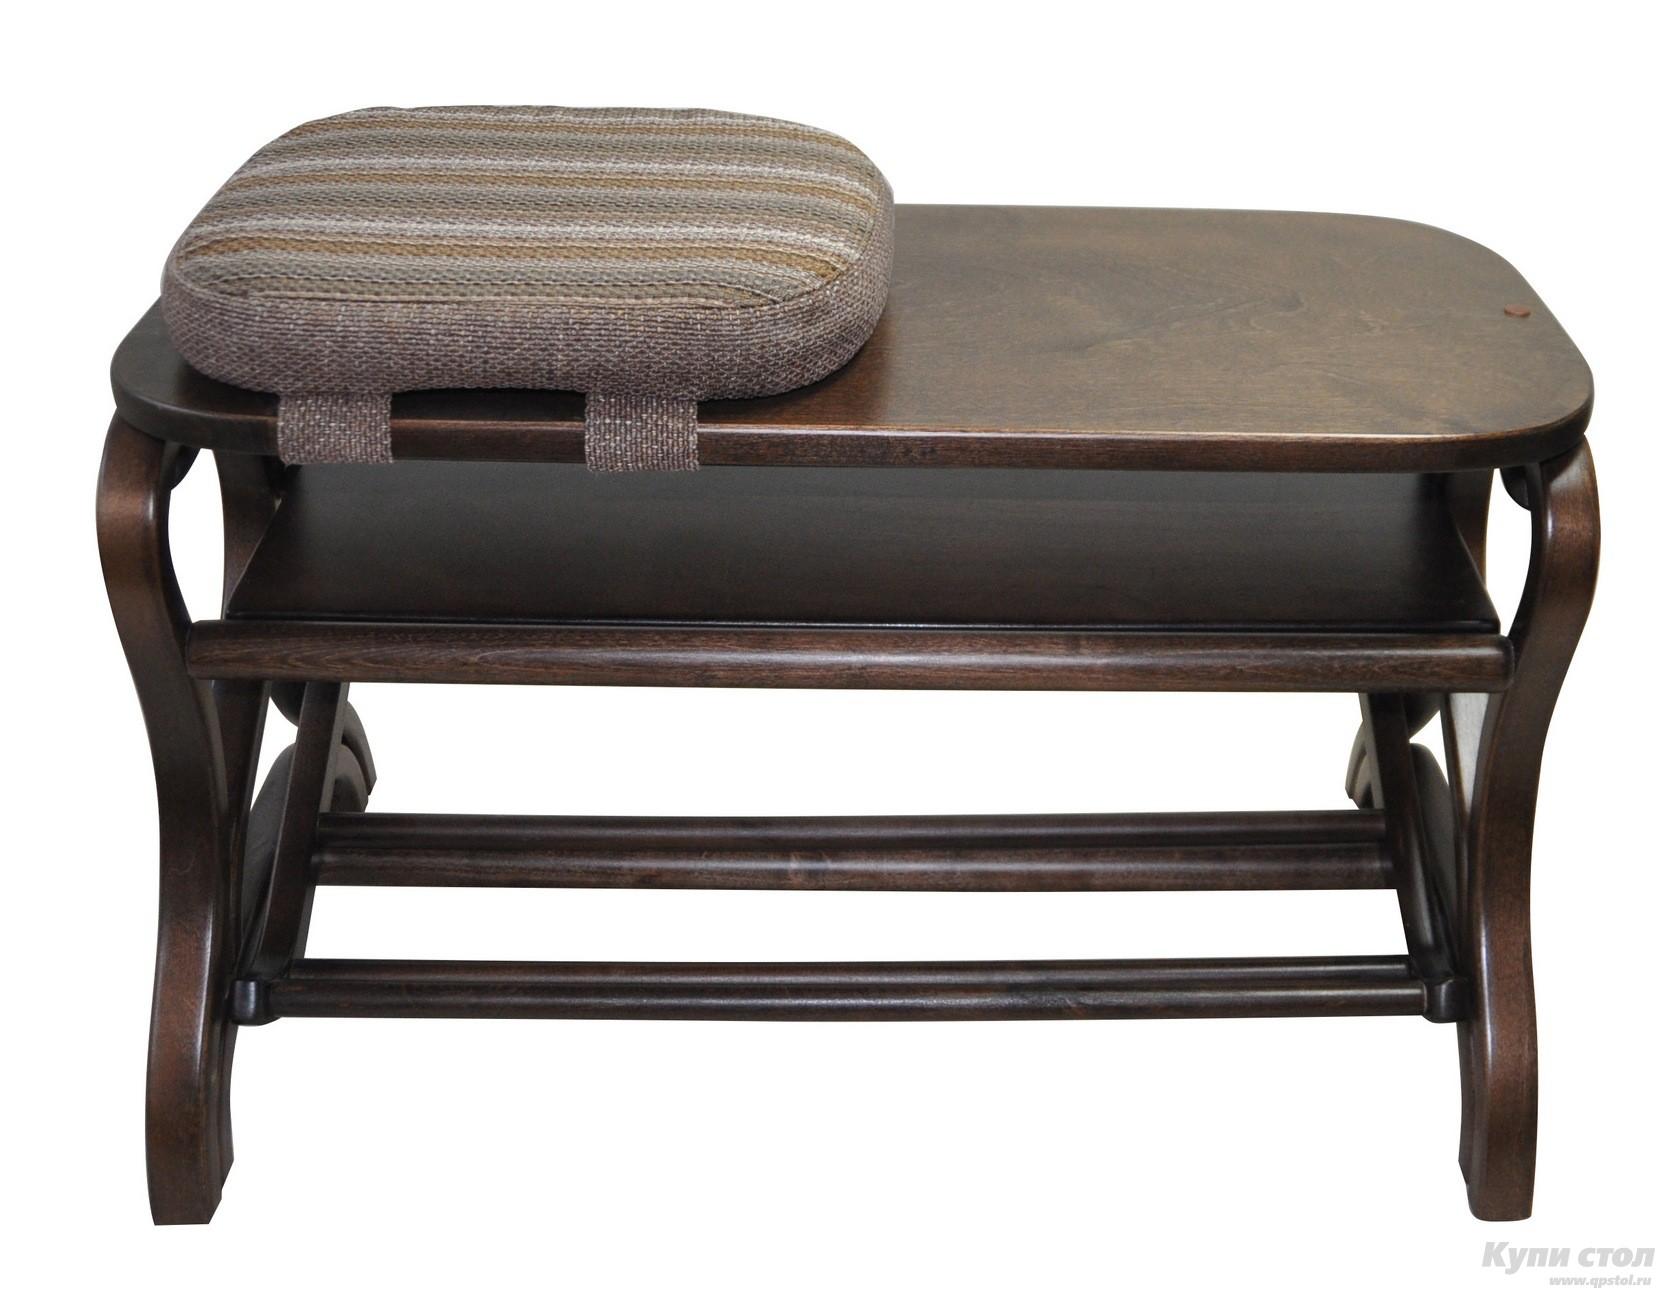 Обувница Мебелик Подставка под обувь Диана Темно-коричневый от Купистол